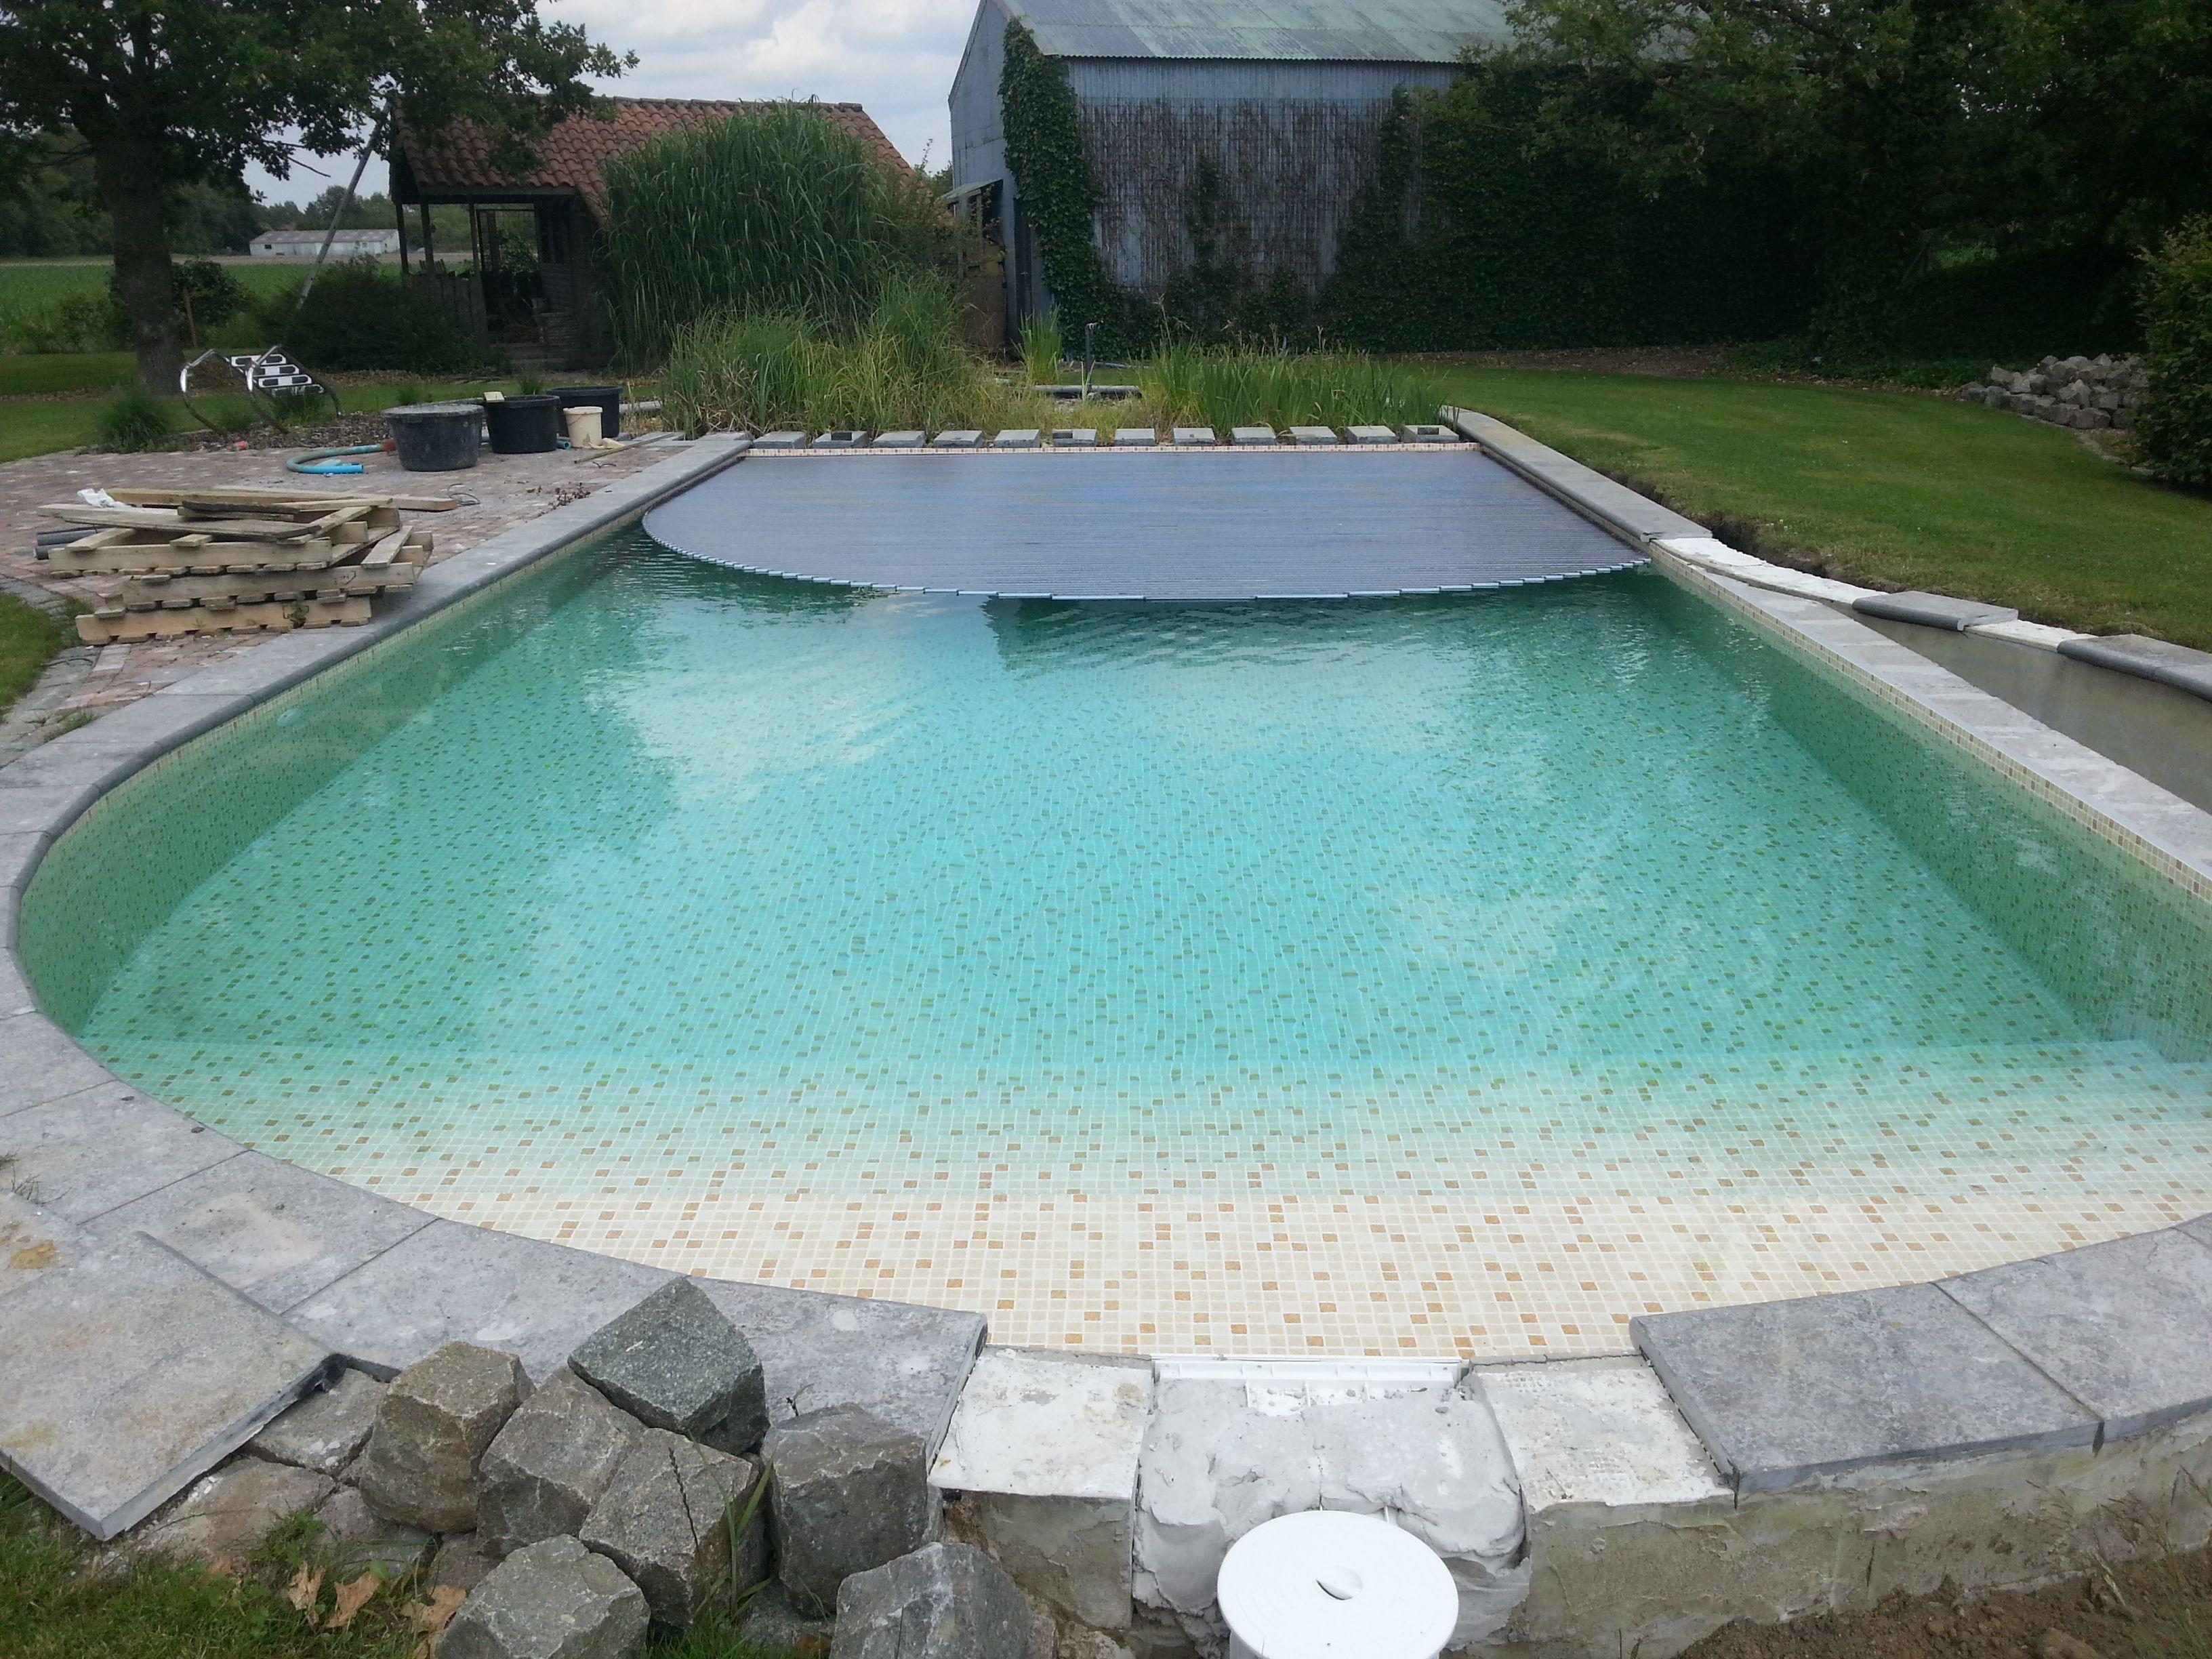 Herbouwen zwembad met liner elbe mosaic terracotta zwembaden jr pools pinterest terra - Terras teak zwembad ...